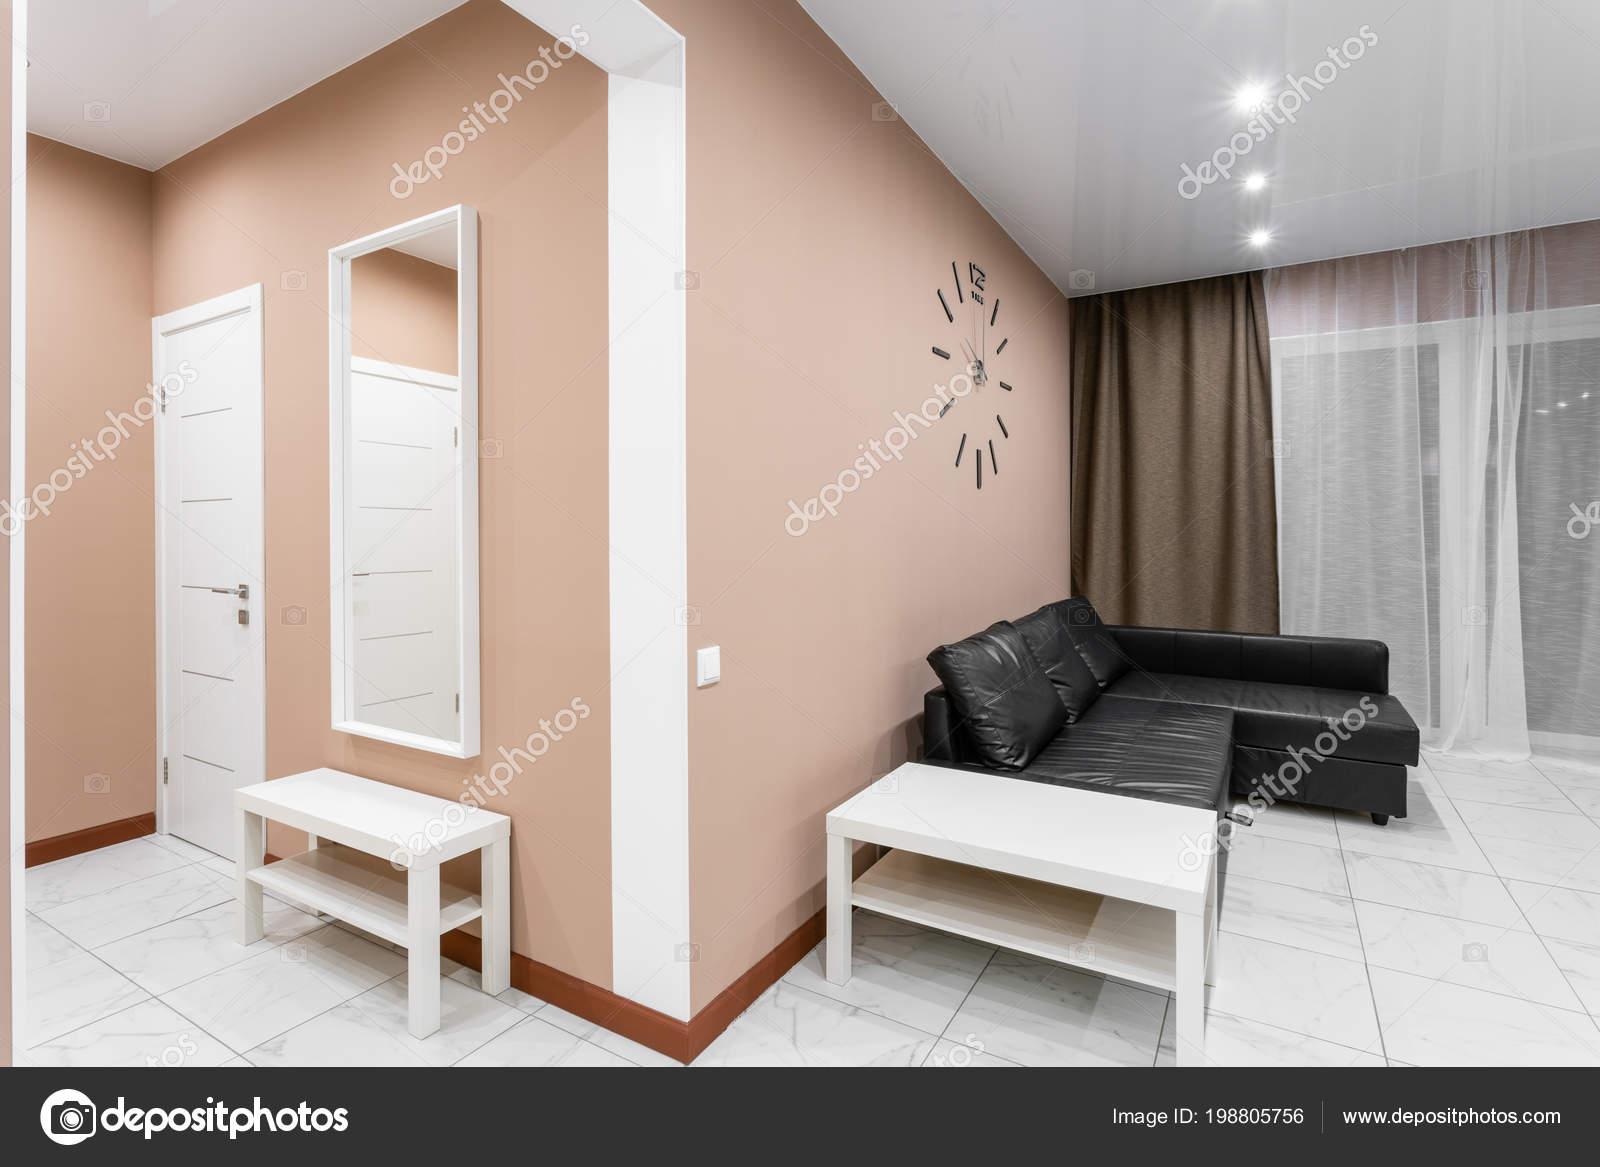 salon interieur van de stijl van de moderne minimalisme eenvoudige en goedkope woonkamer met keuken